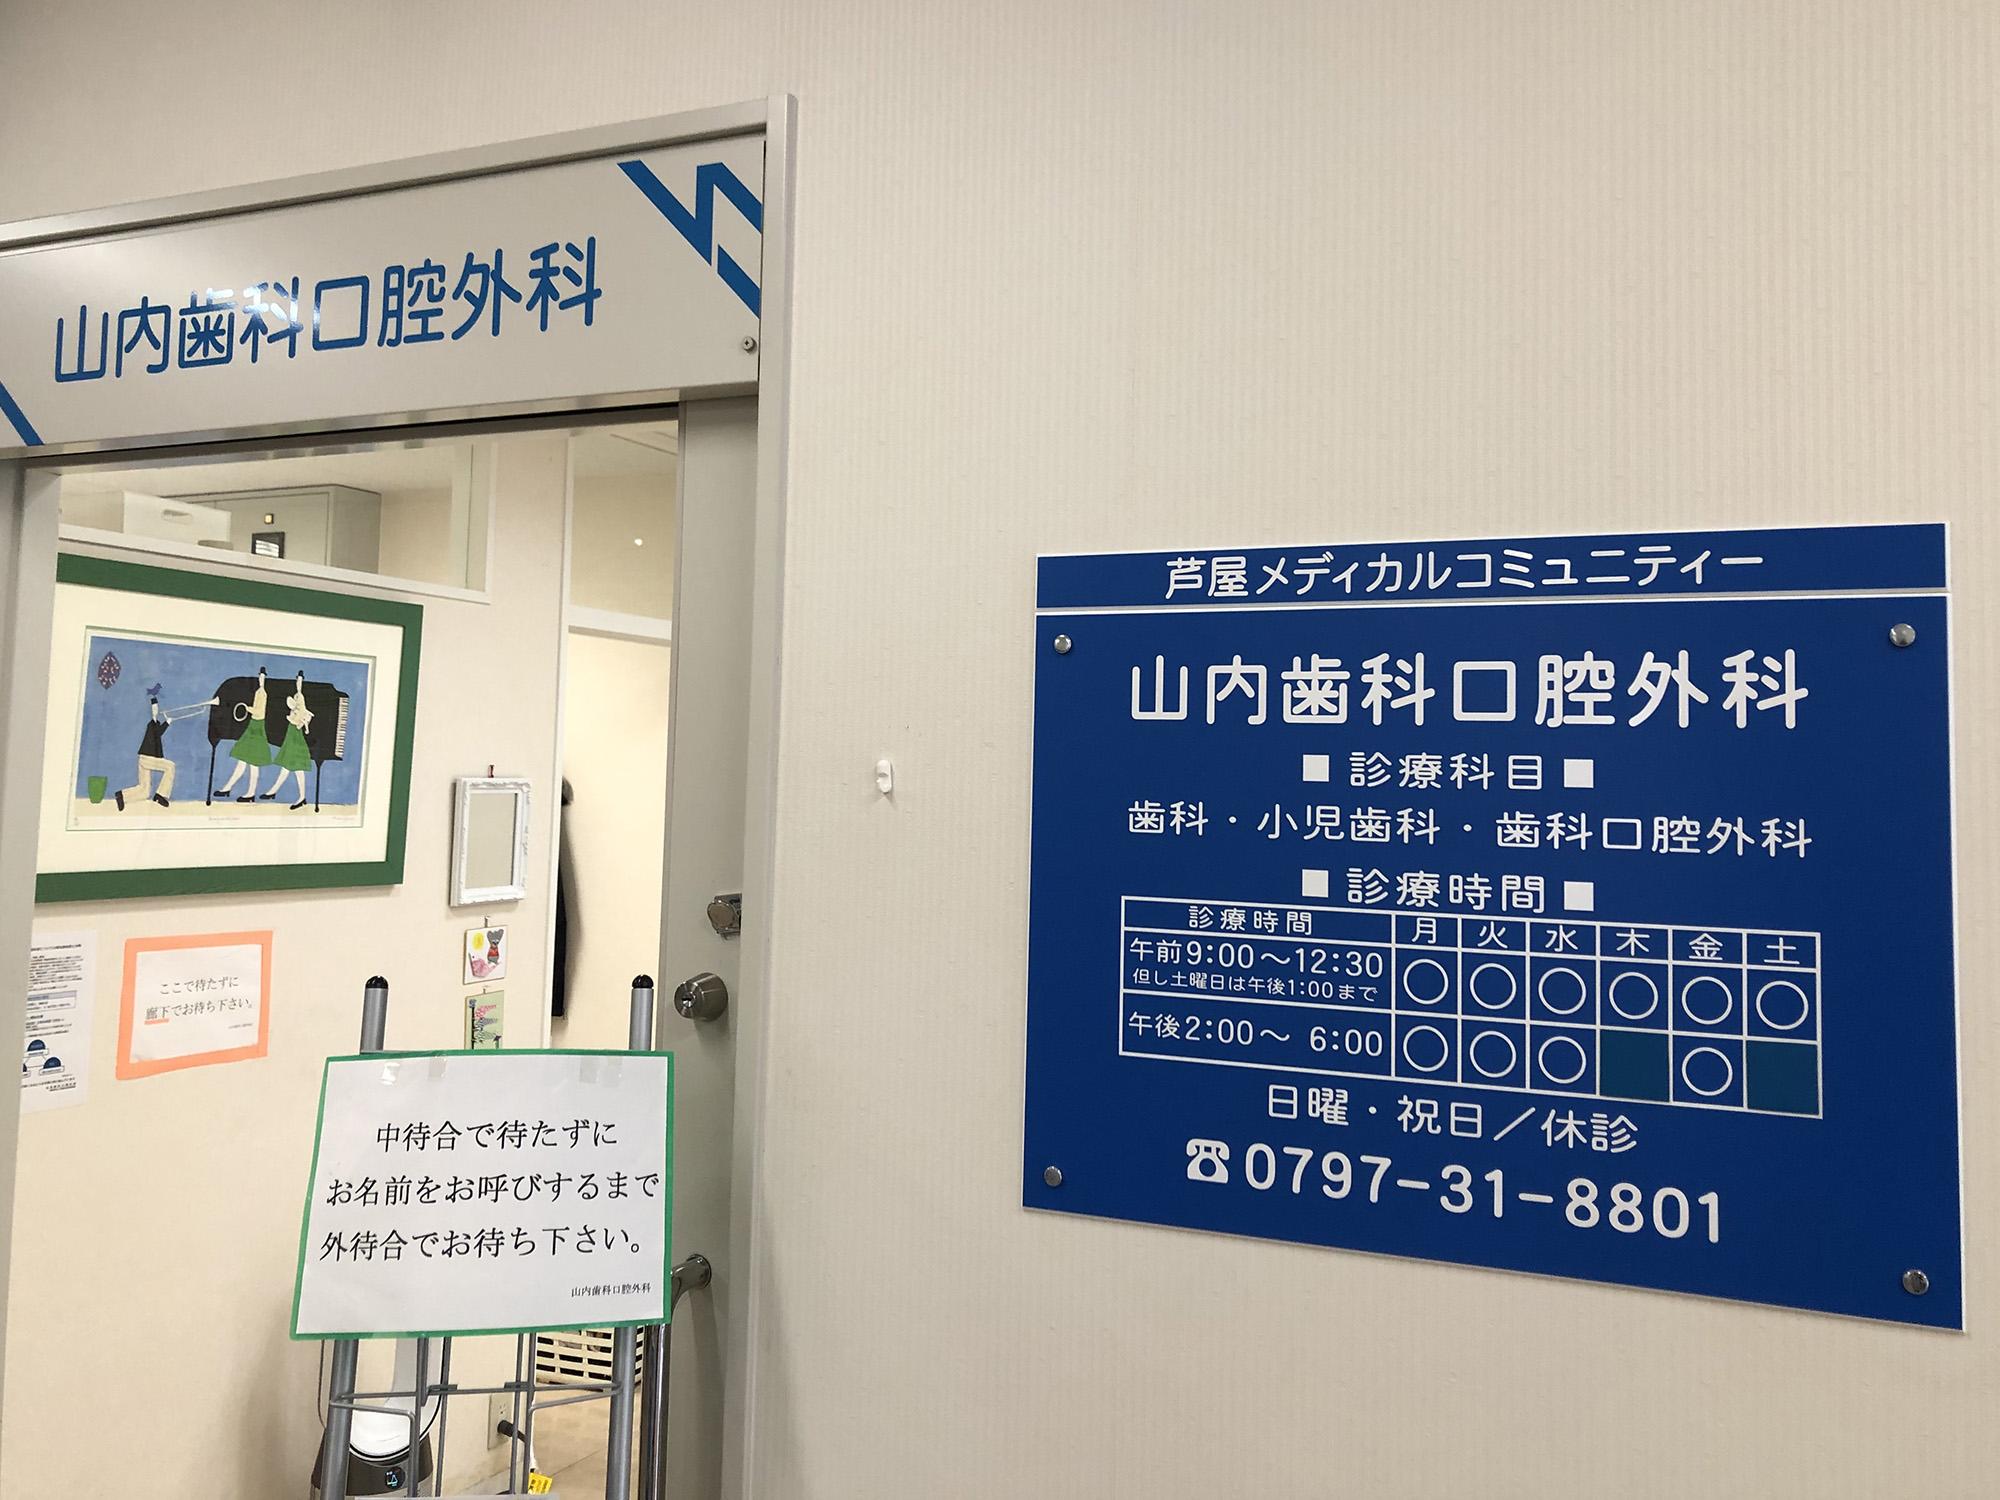 芦屋メディカルコミュニティー山内歯科口腔外科